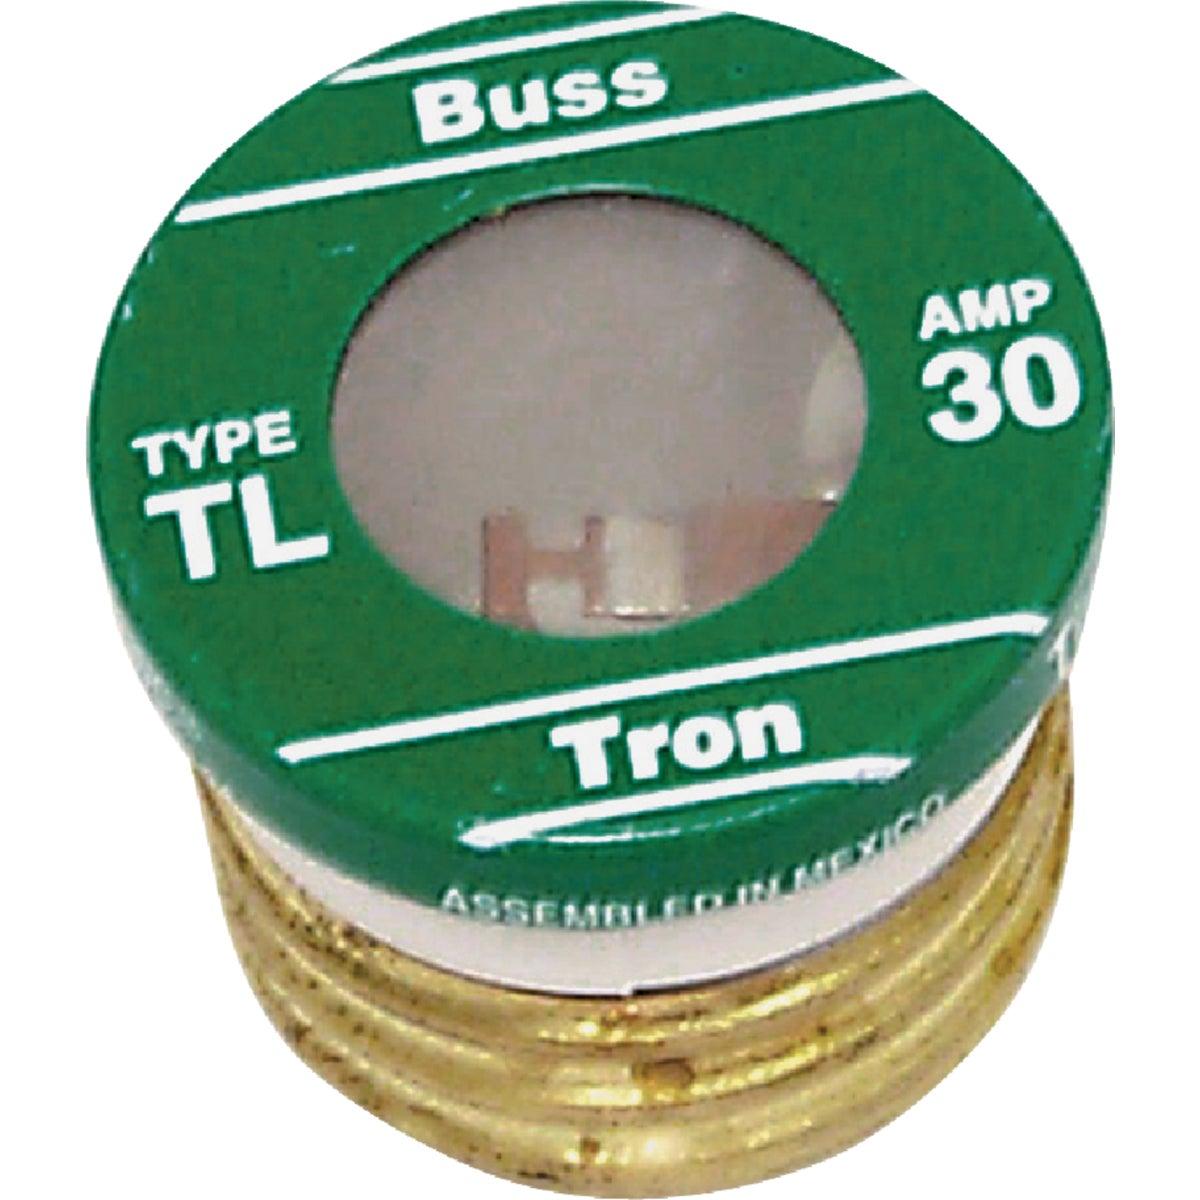 30A PLUG FUSE - TL-30 by Bussmann Cooper